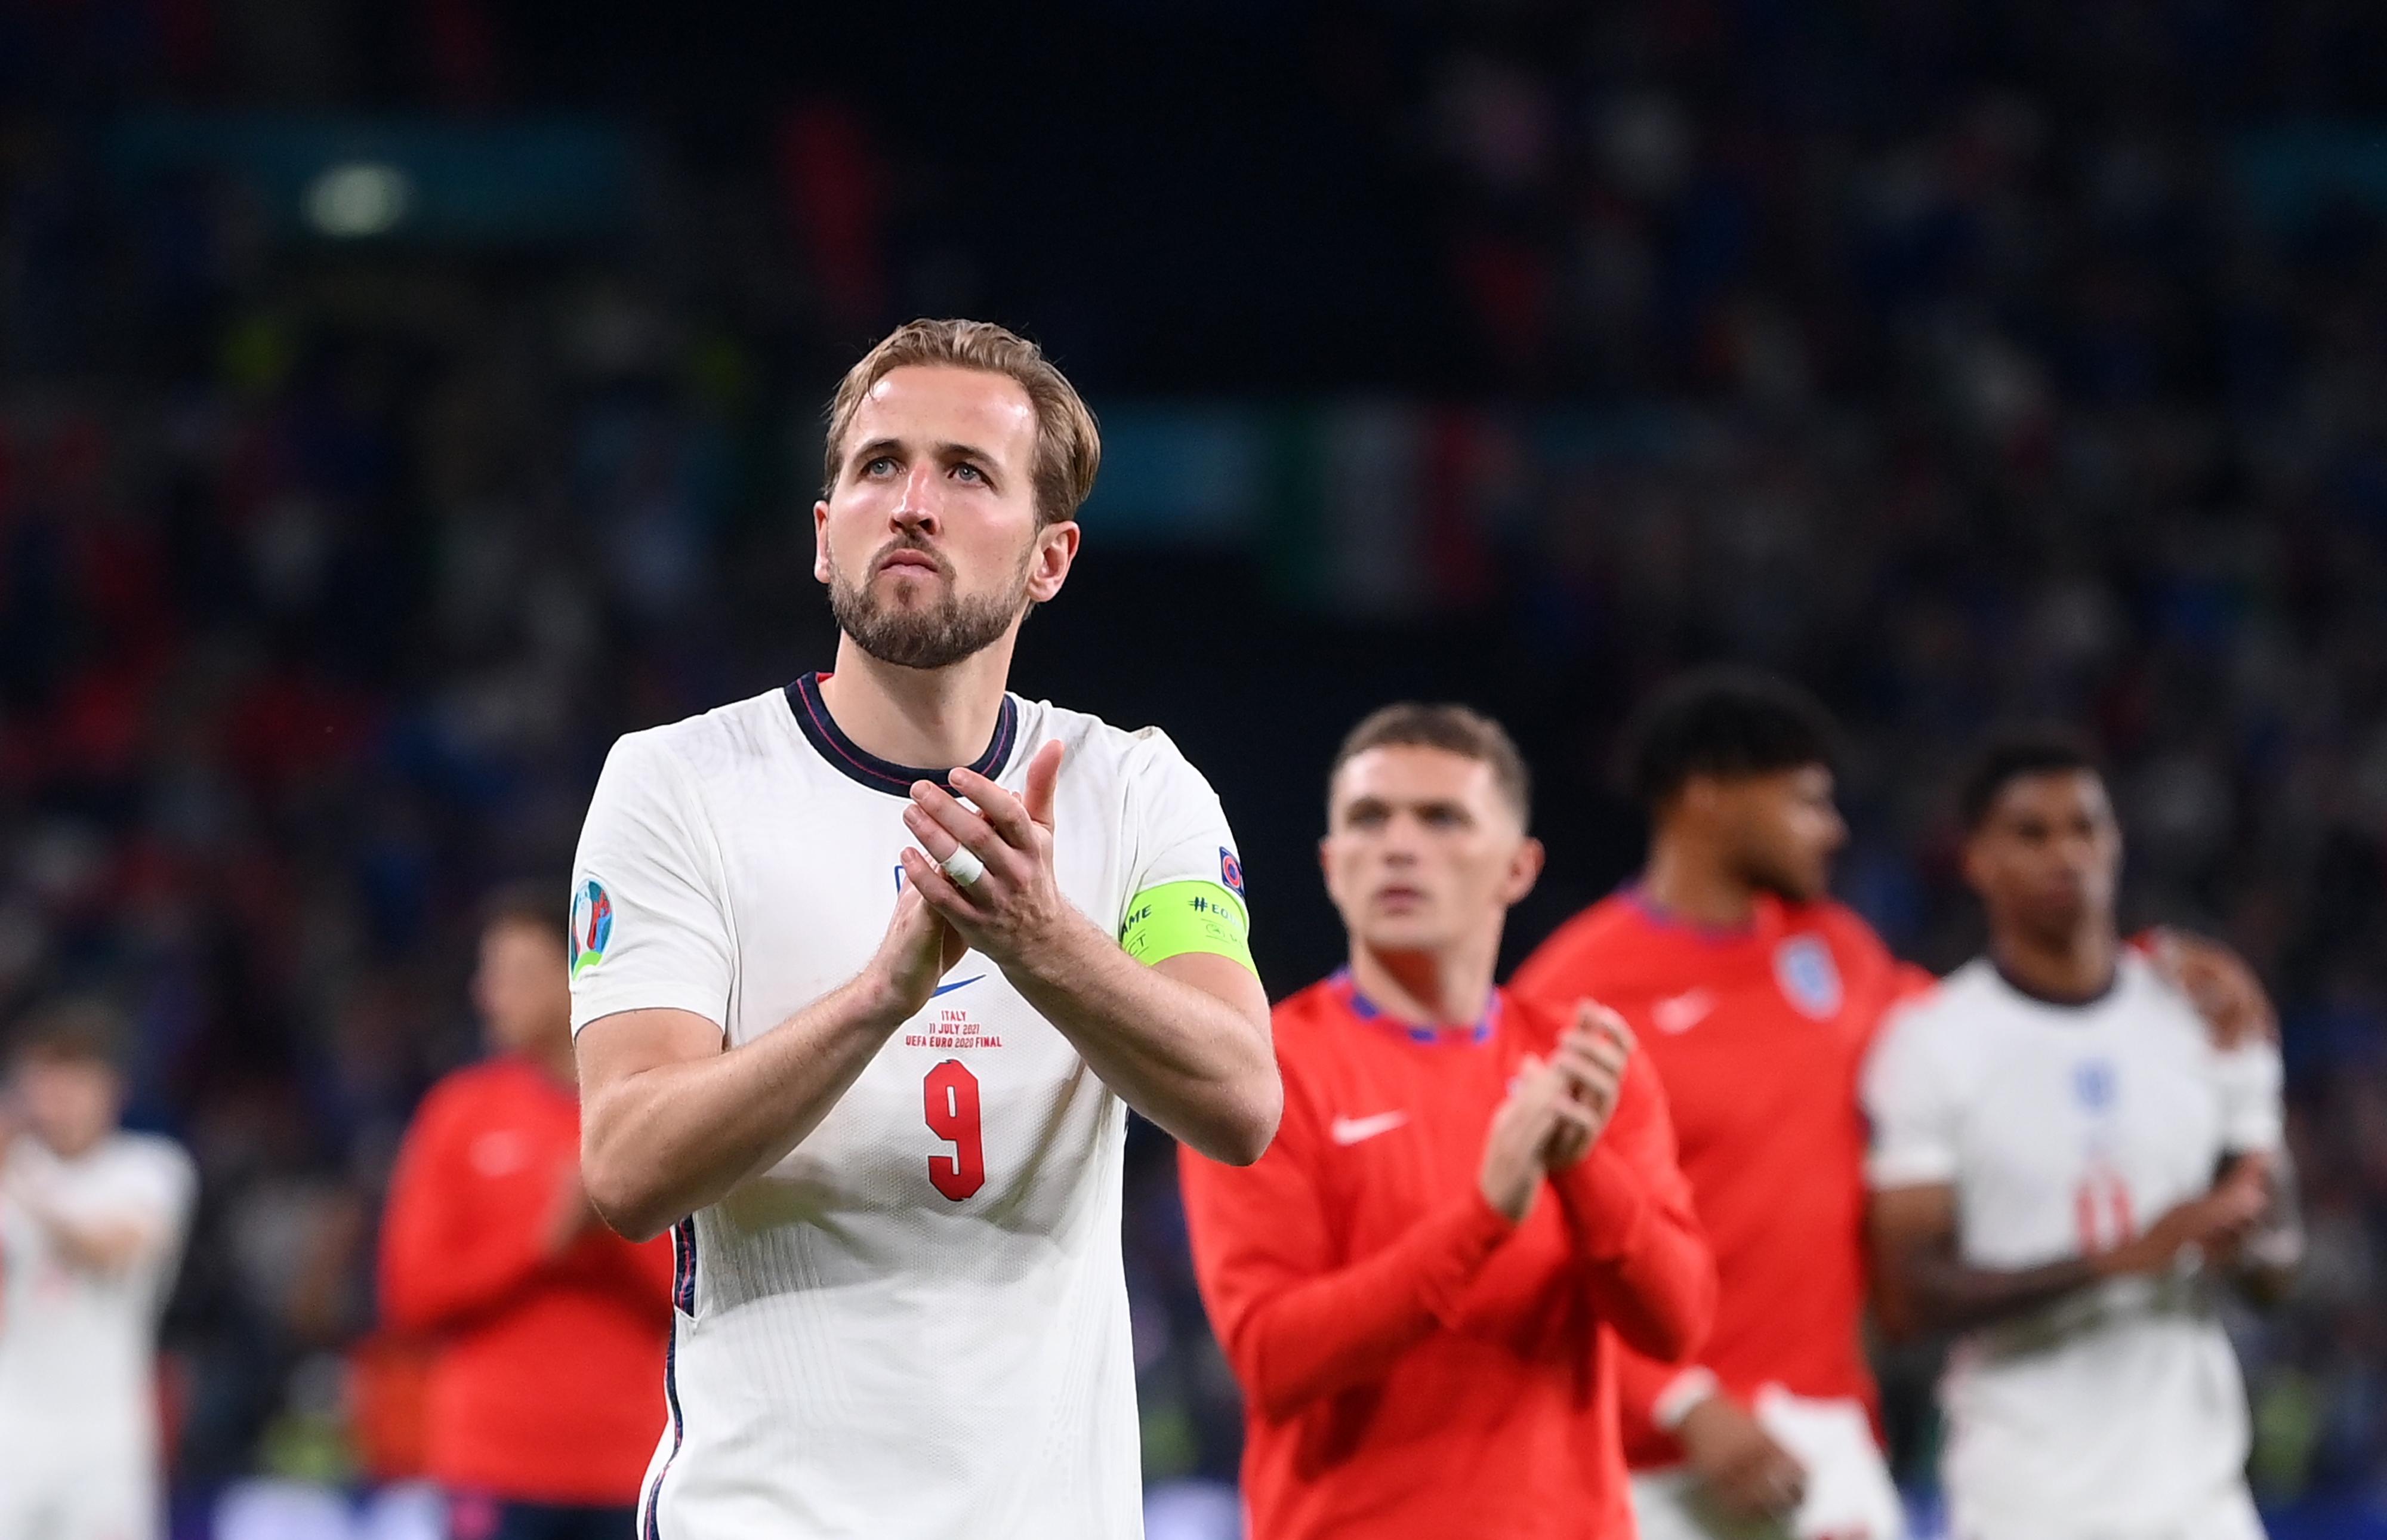 Кейн раскритиковал фанатов сборной Англии - фото